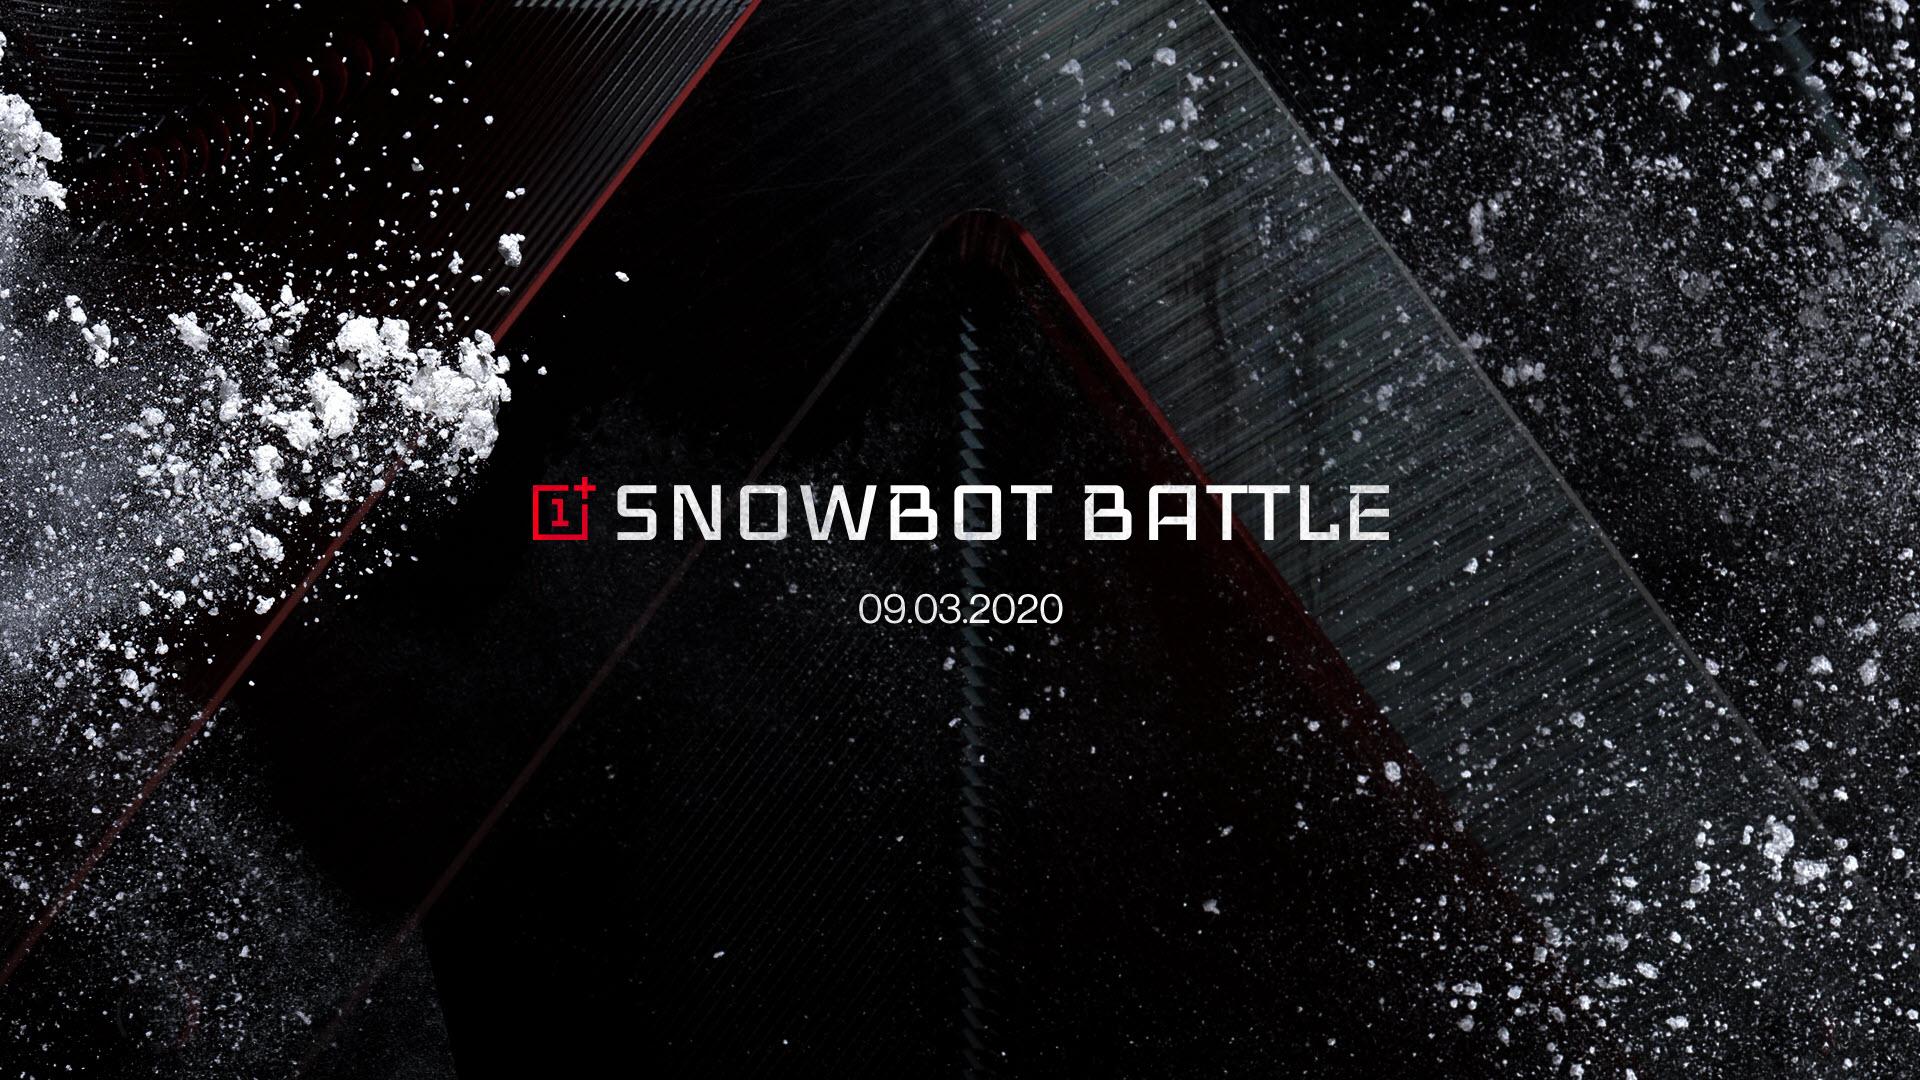 OnePlus präsentiert die erste 5G-Snowbot-Schlacht